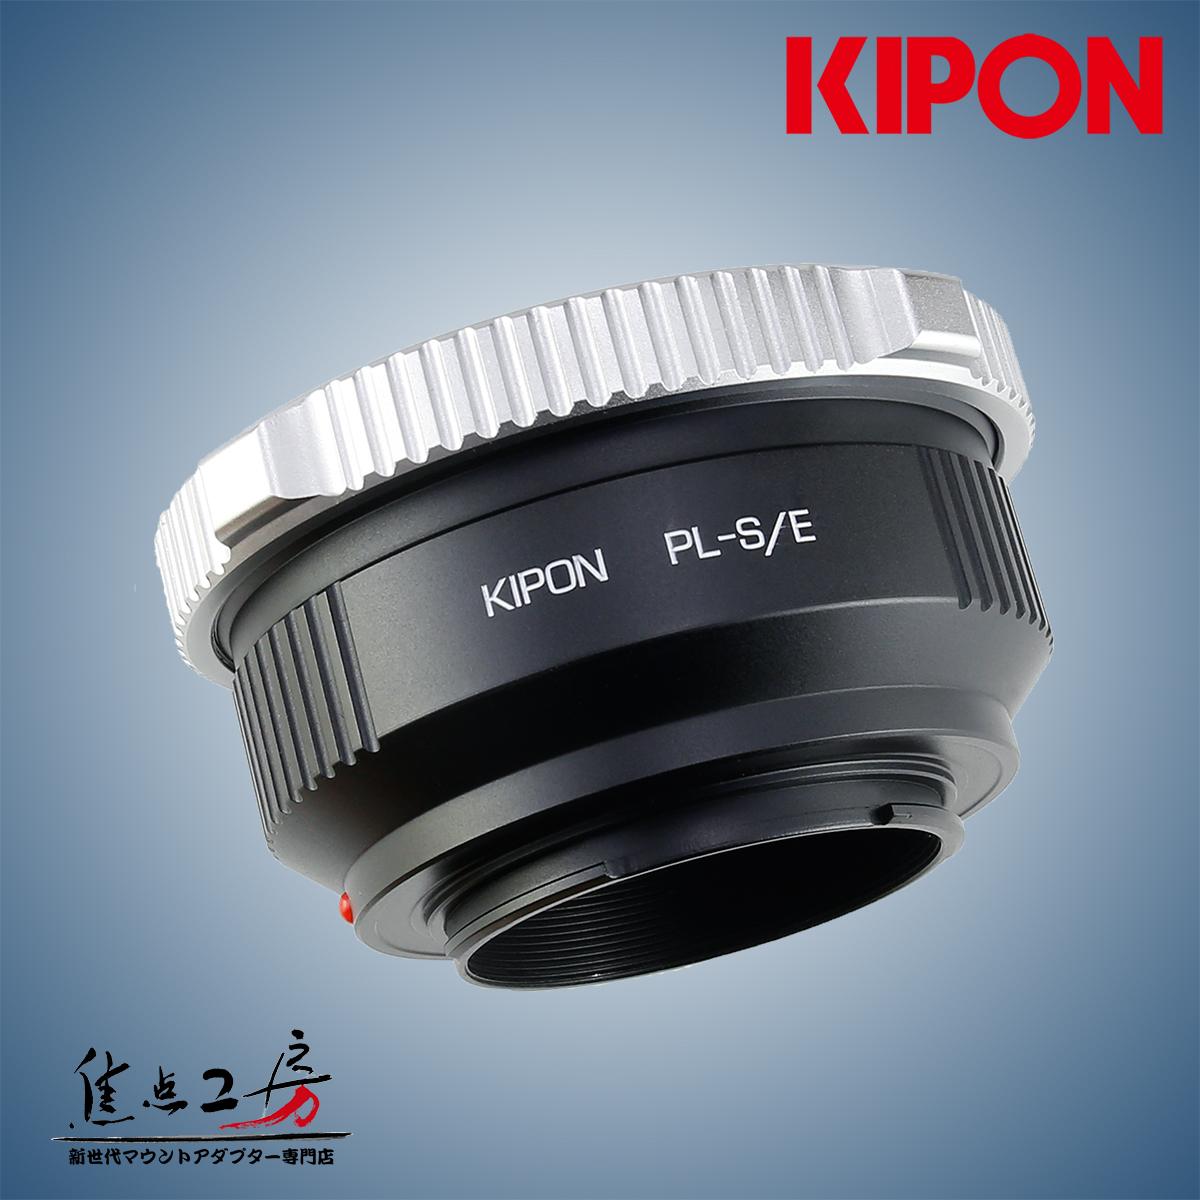 マウントアダプター KIPON PL-S/E PRO PLマウントレンズ - ソニー NEX/α.Eマウントカメラ プロ仕様